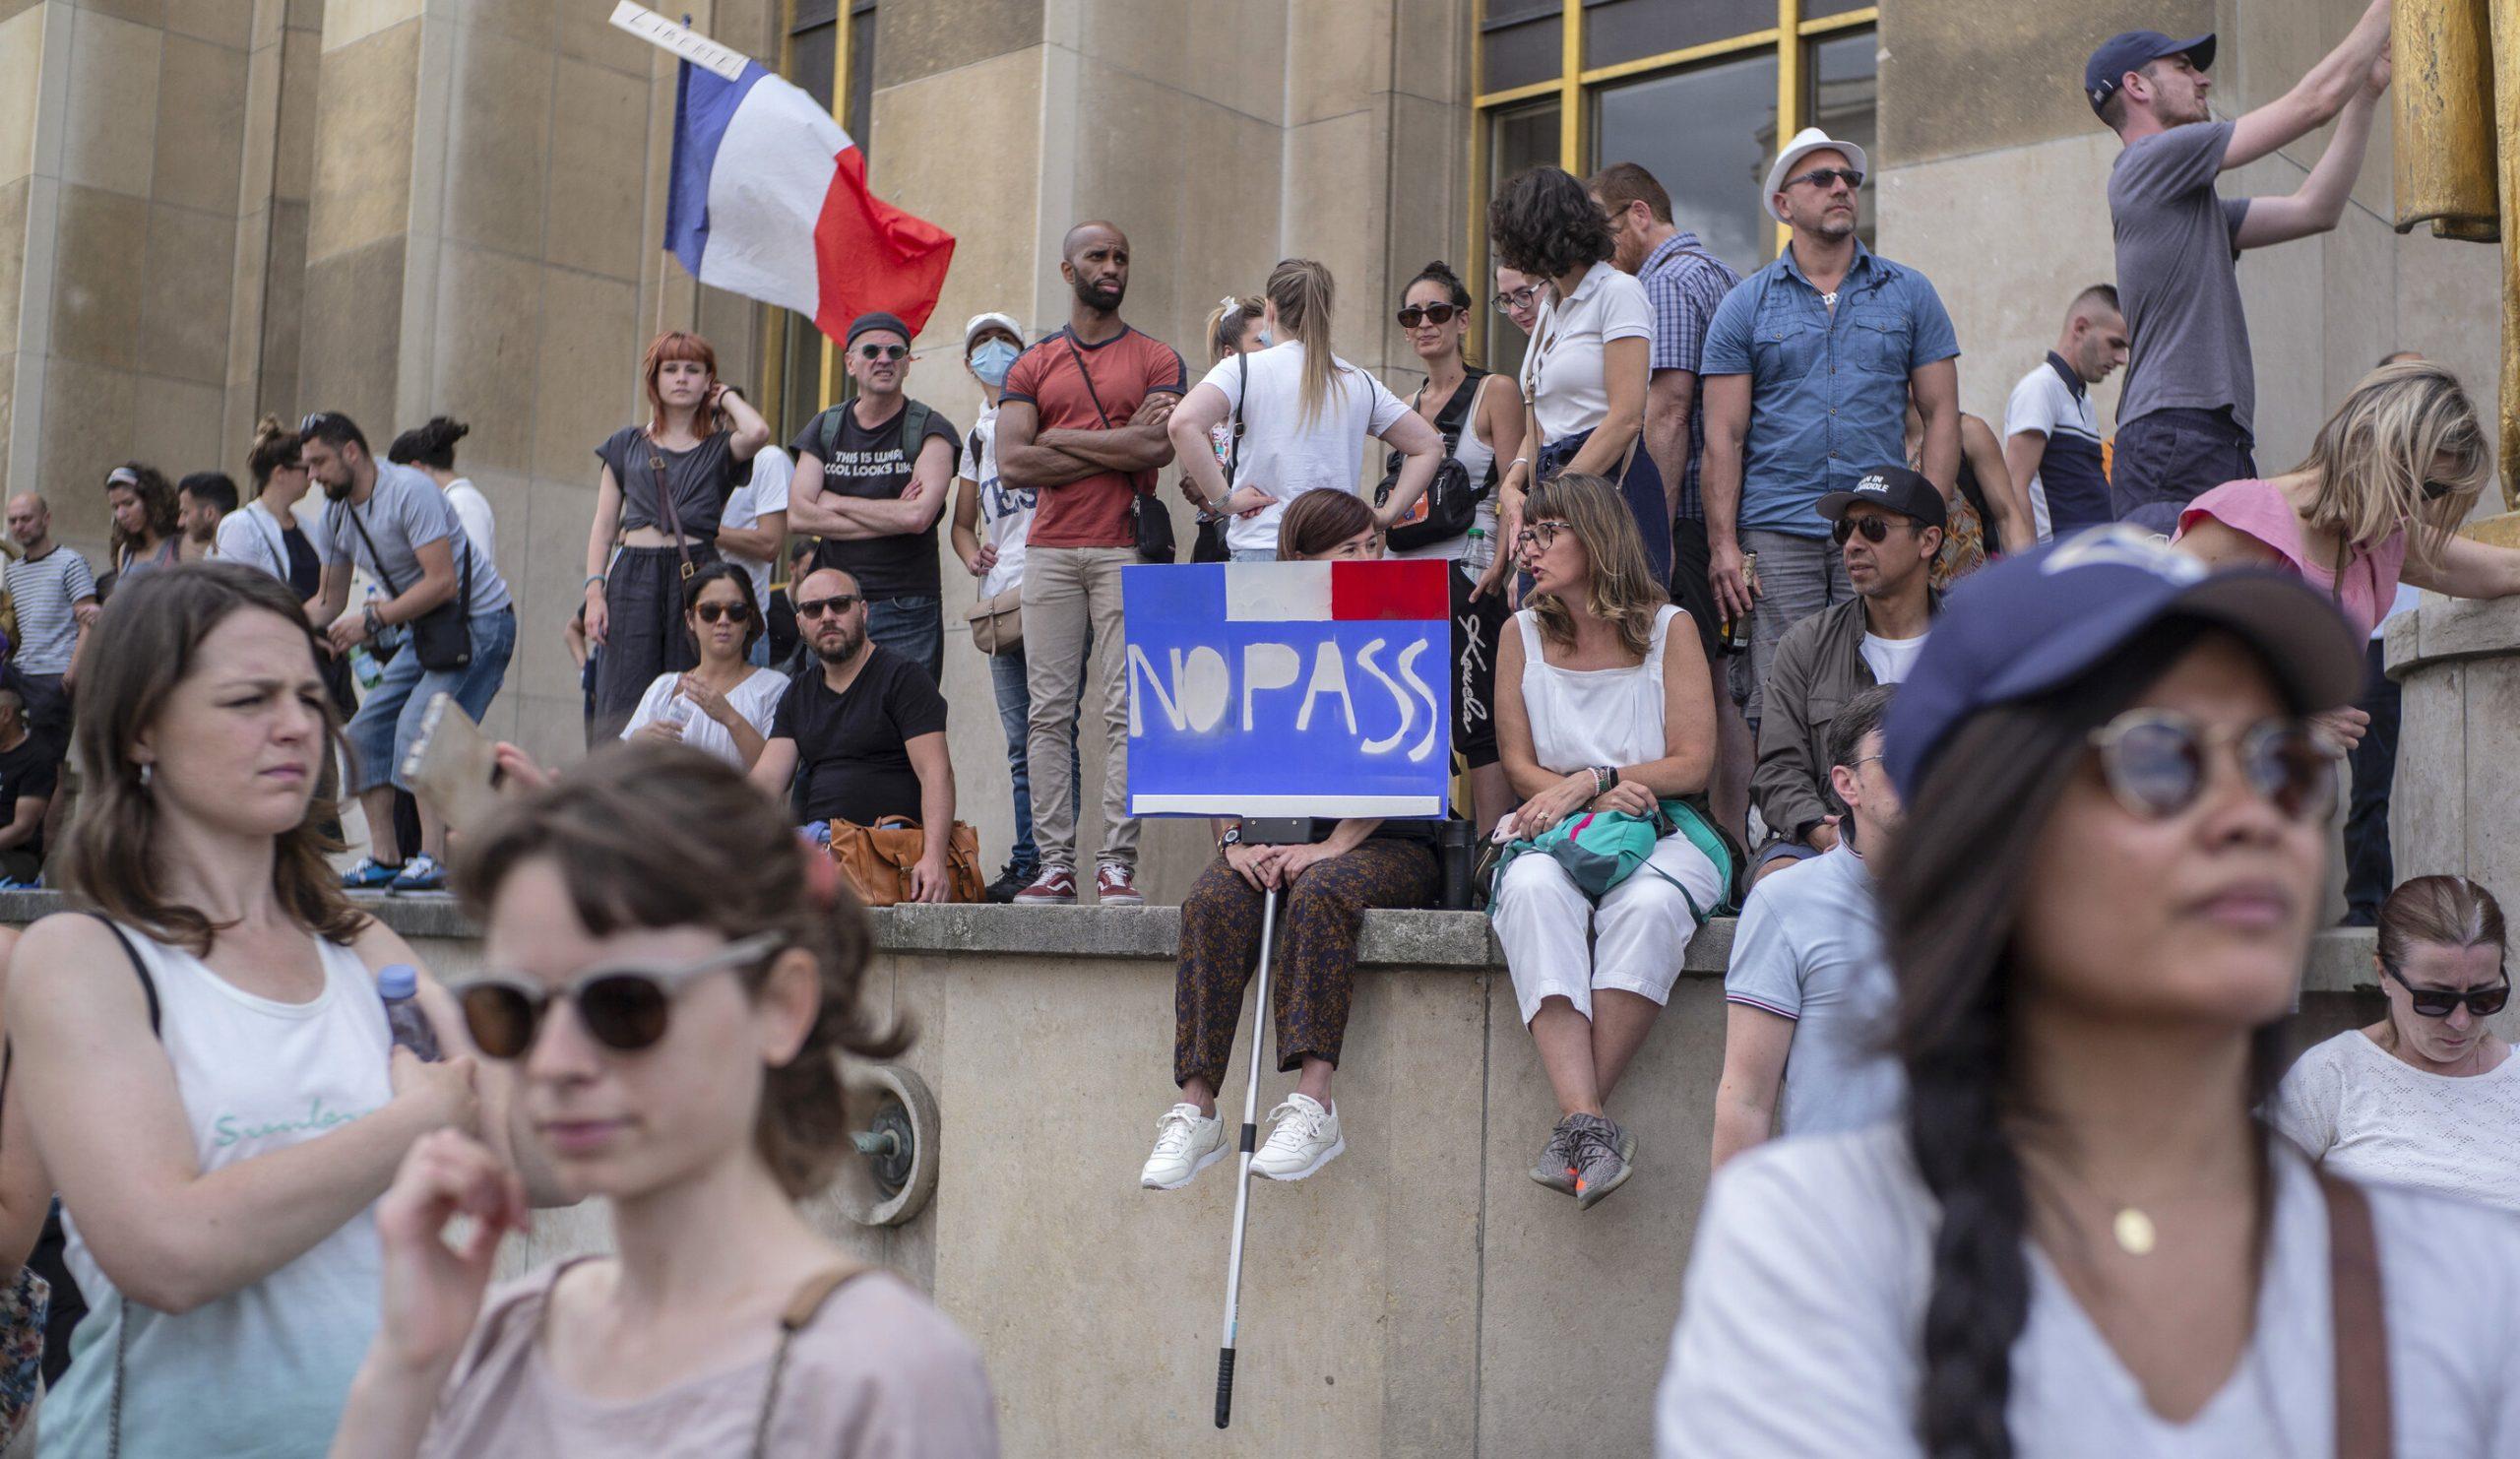 Franța  Permisul de sănătate devine obligatoriu. Accesul în restaurate, avioane, trenuri se face în baza documentului